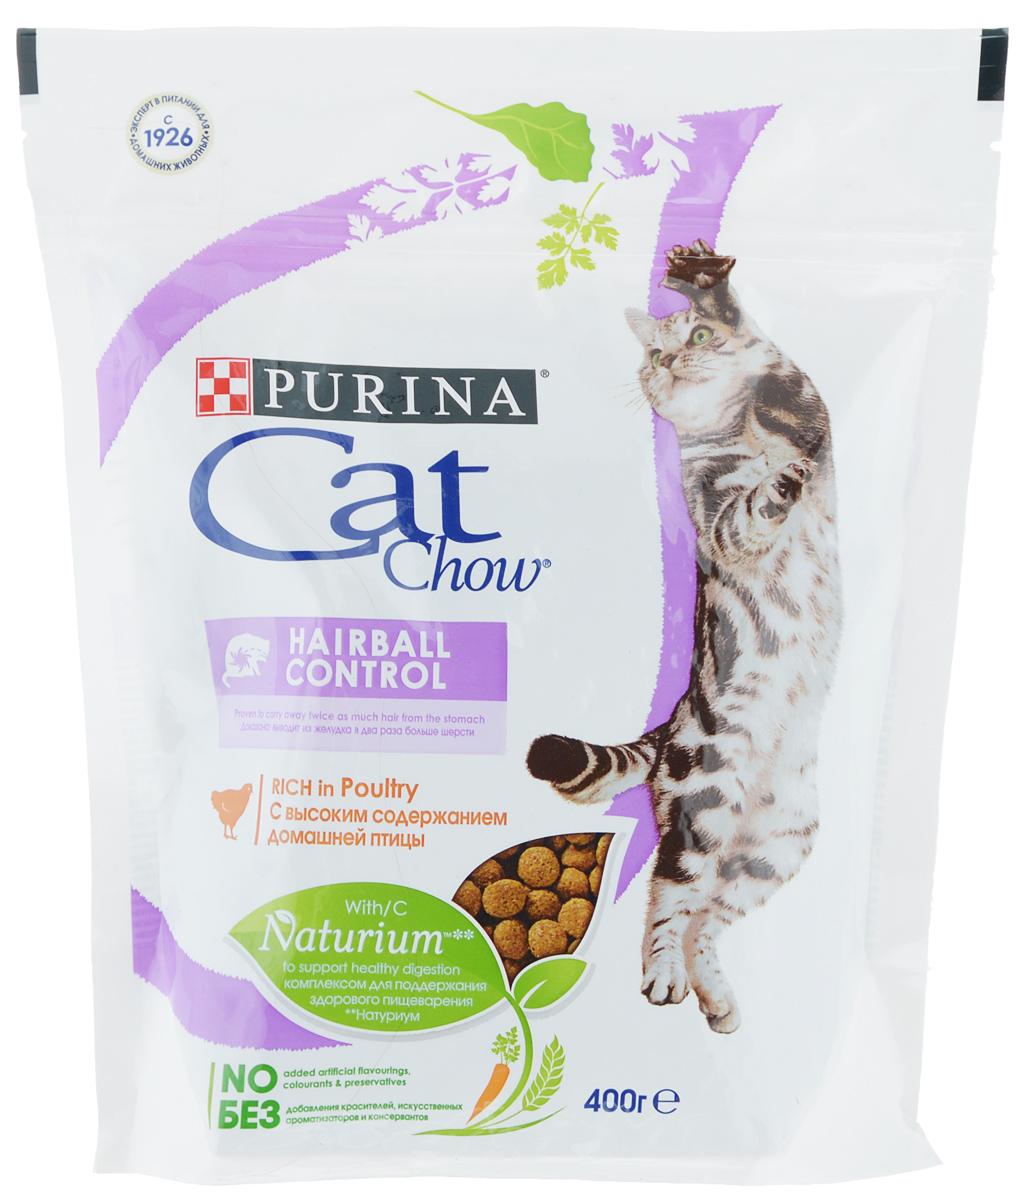 Корм сухой Cat Chow, контроль образования комков шерсти, с домашней птицей, 400 г12267402Сухой корм Cat Chow - это особое сочетание волокон природного происхождения. Он включает источник натурального пребиотика, который улучшает баланс микрофлоры кишечника и поддерживает здоровье пищеварительной системы кошки. Это позволяет ей питаться с большей пользой. В состав корма входит витамин E для поддержания естественной защиты организма кошки и витаминами группы B, чтобы помочь вашей кошке оптимально использовать энергию. В состав специально включены источники клетчатки, которые выводят из желудка в два раза больше волосков шерсти. В особенности подходит для кошек, живущих дома. Без добавления искусственных консервантов. Без добавления красителей. Без добавления искусственных ароматизаторов. Товар сертифицирован.